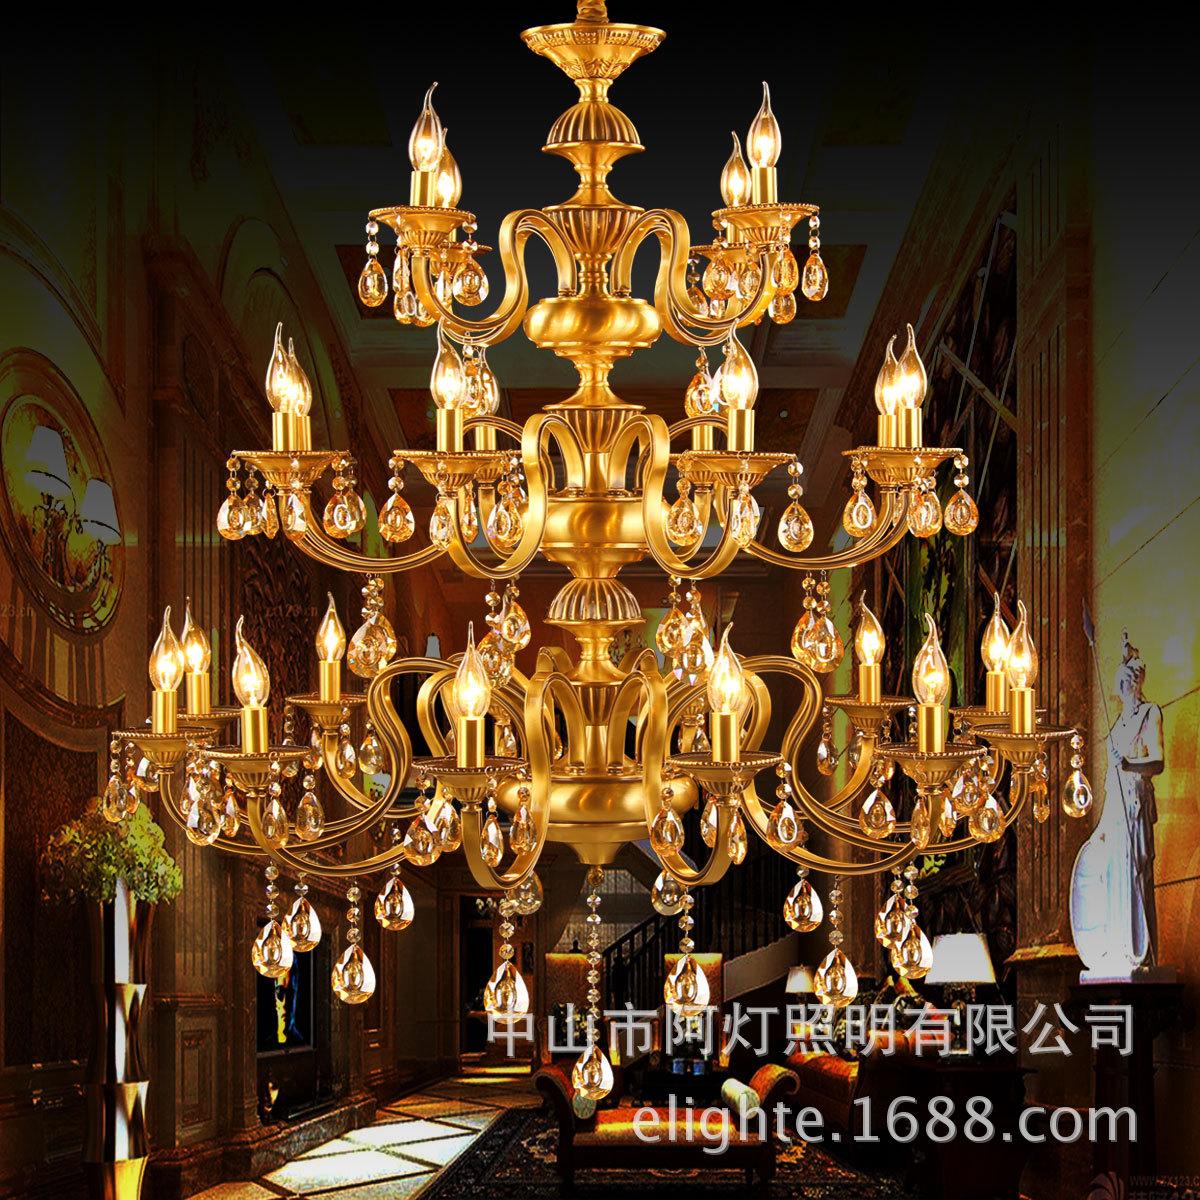 Bóng đèn nến châu Âu ba tầng trên đồng đèn nến đèn pha lê tòa nhà khách sạn biệt thự đồng điếu Omicr